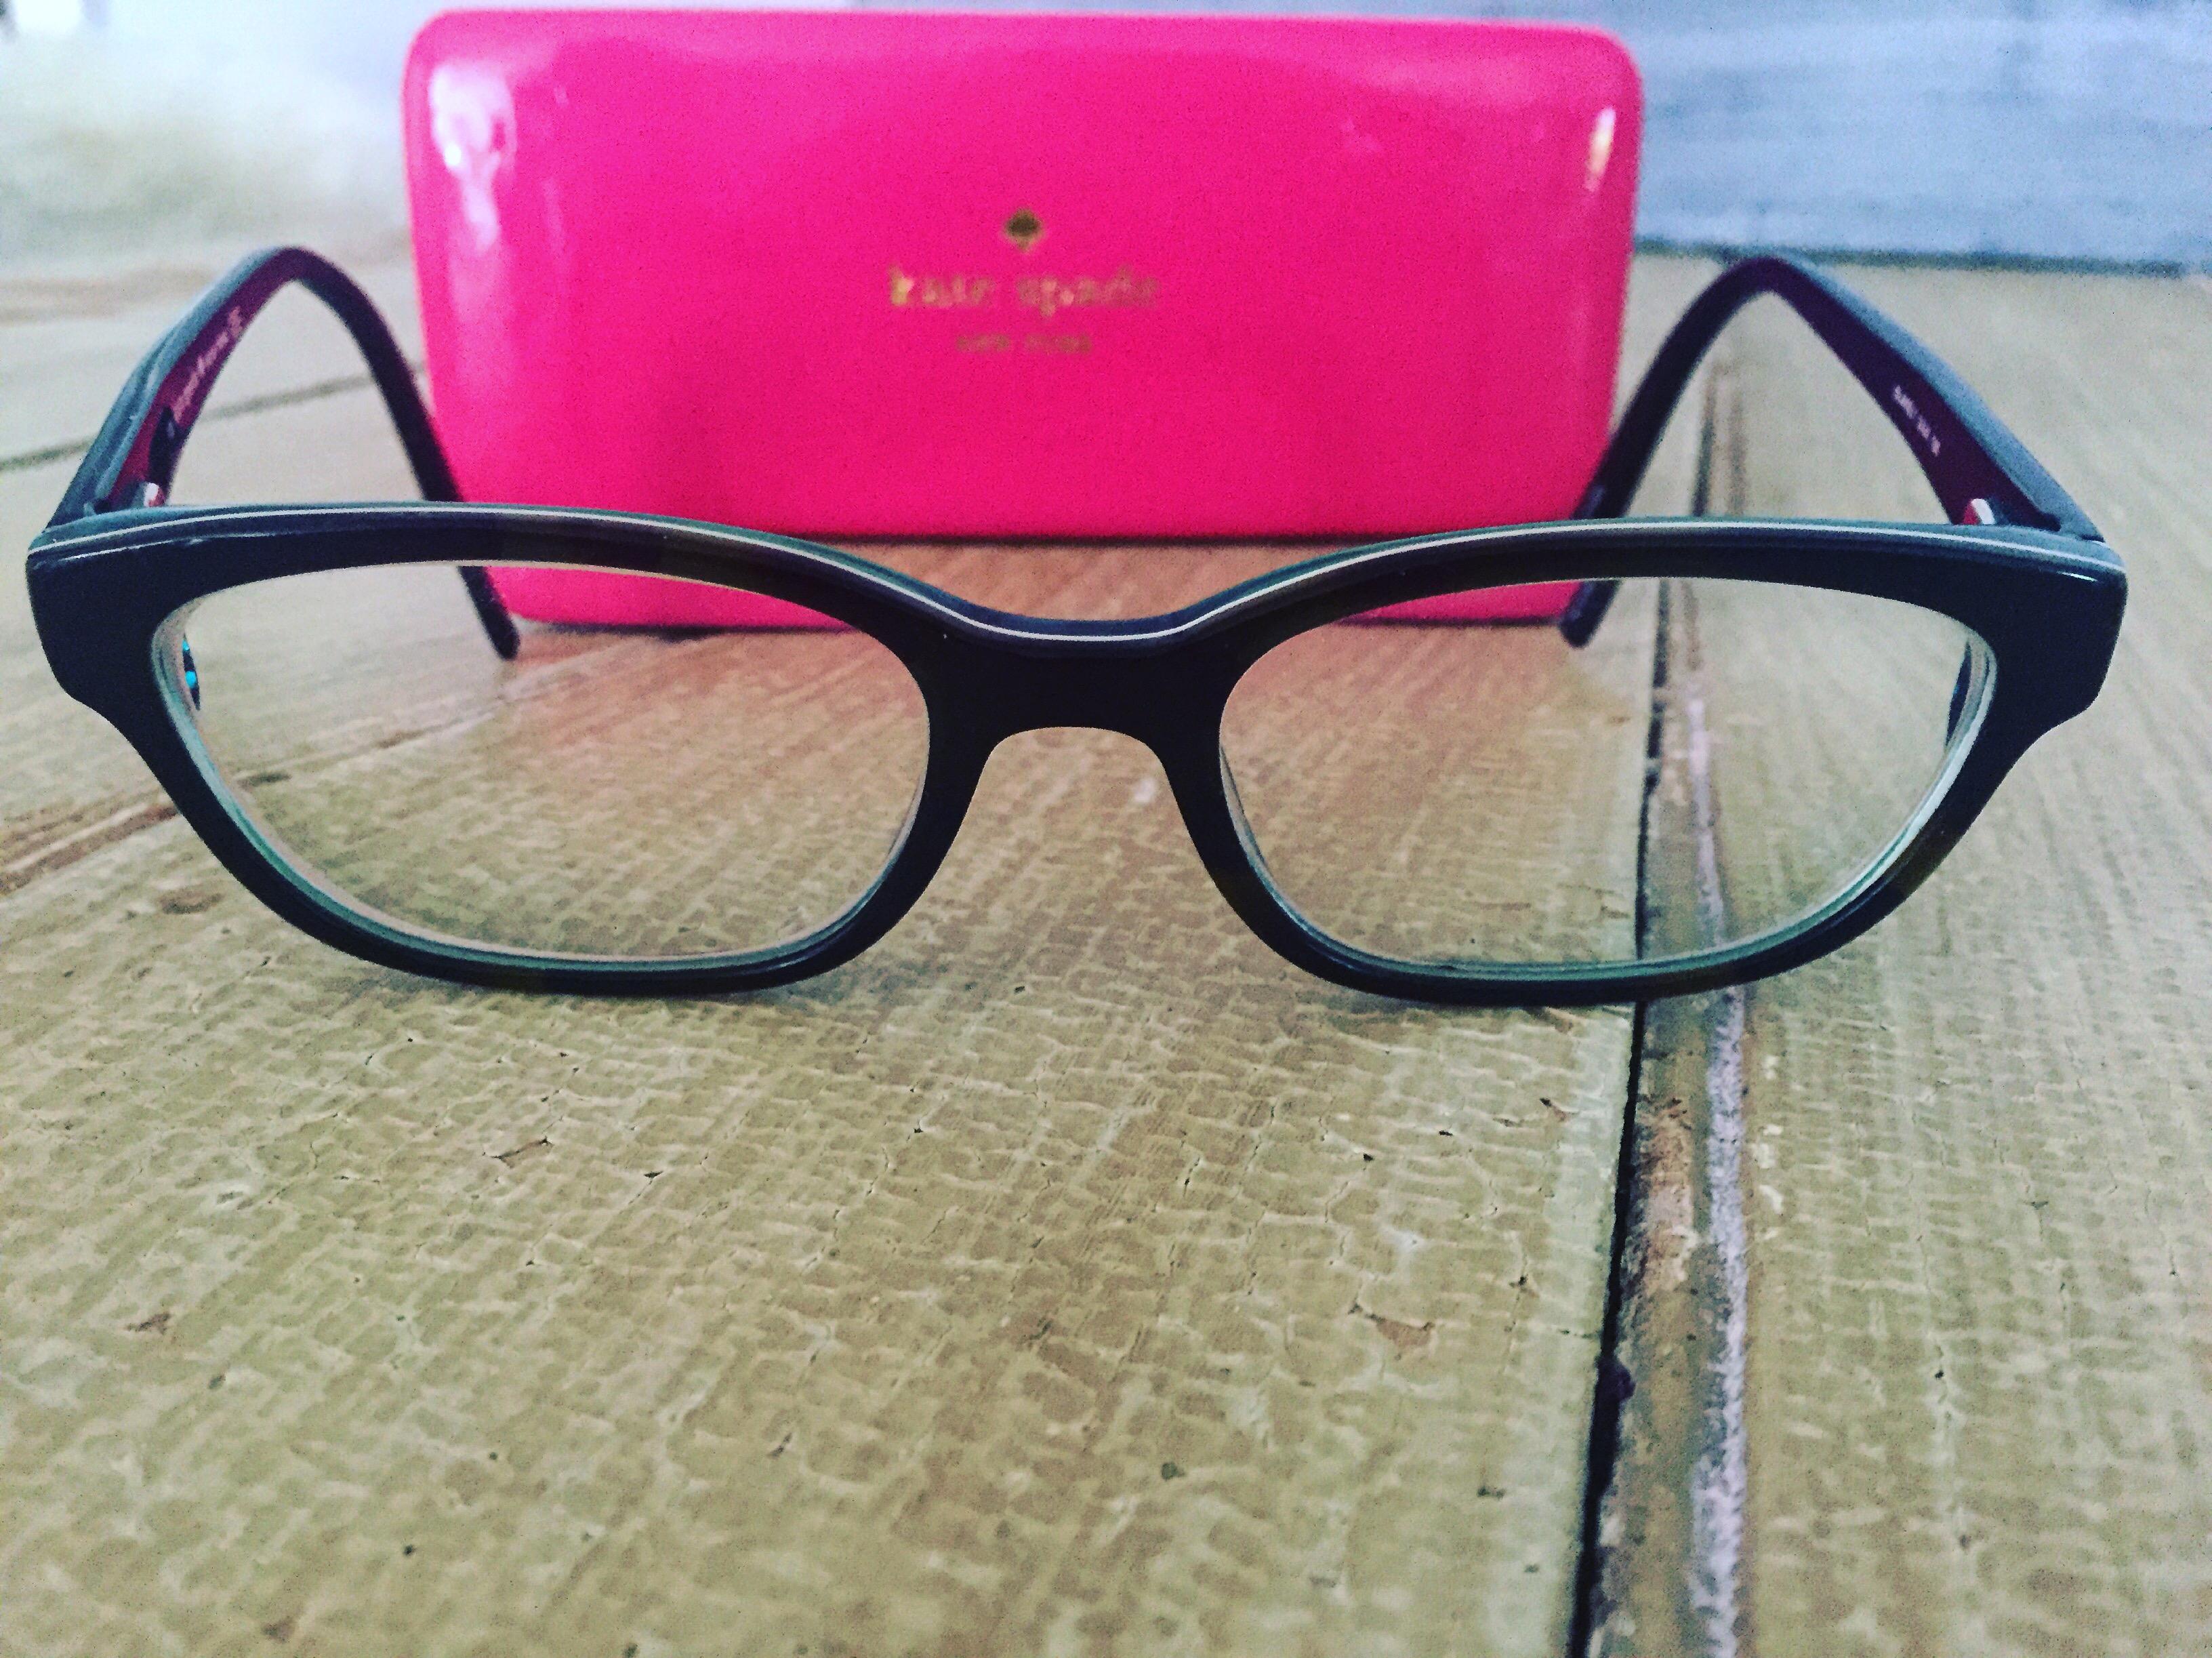 Fashionably Four Eyes